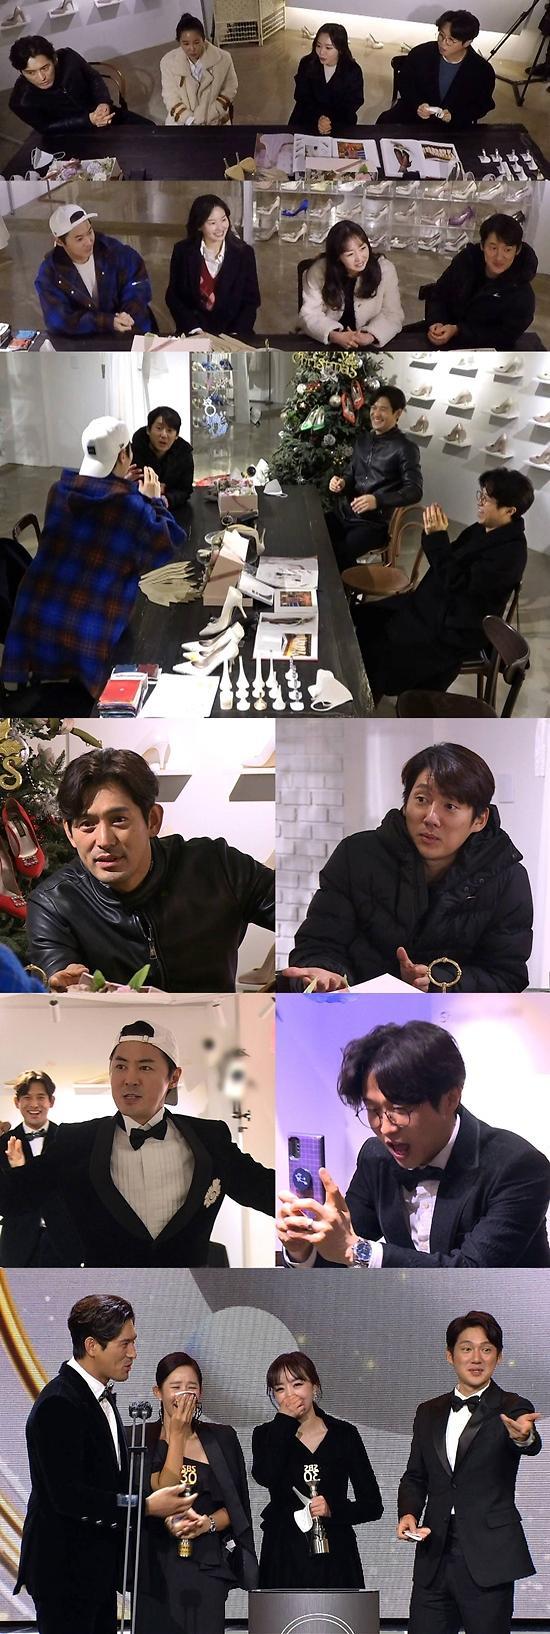 [오늘밤 채널고정 ] 너는 내운명 아내들, '연예대상' 첫 출연에 남편들 멘붕한 사연은?